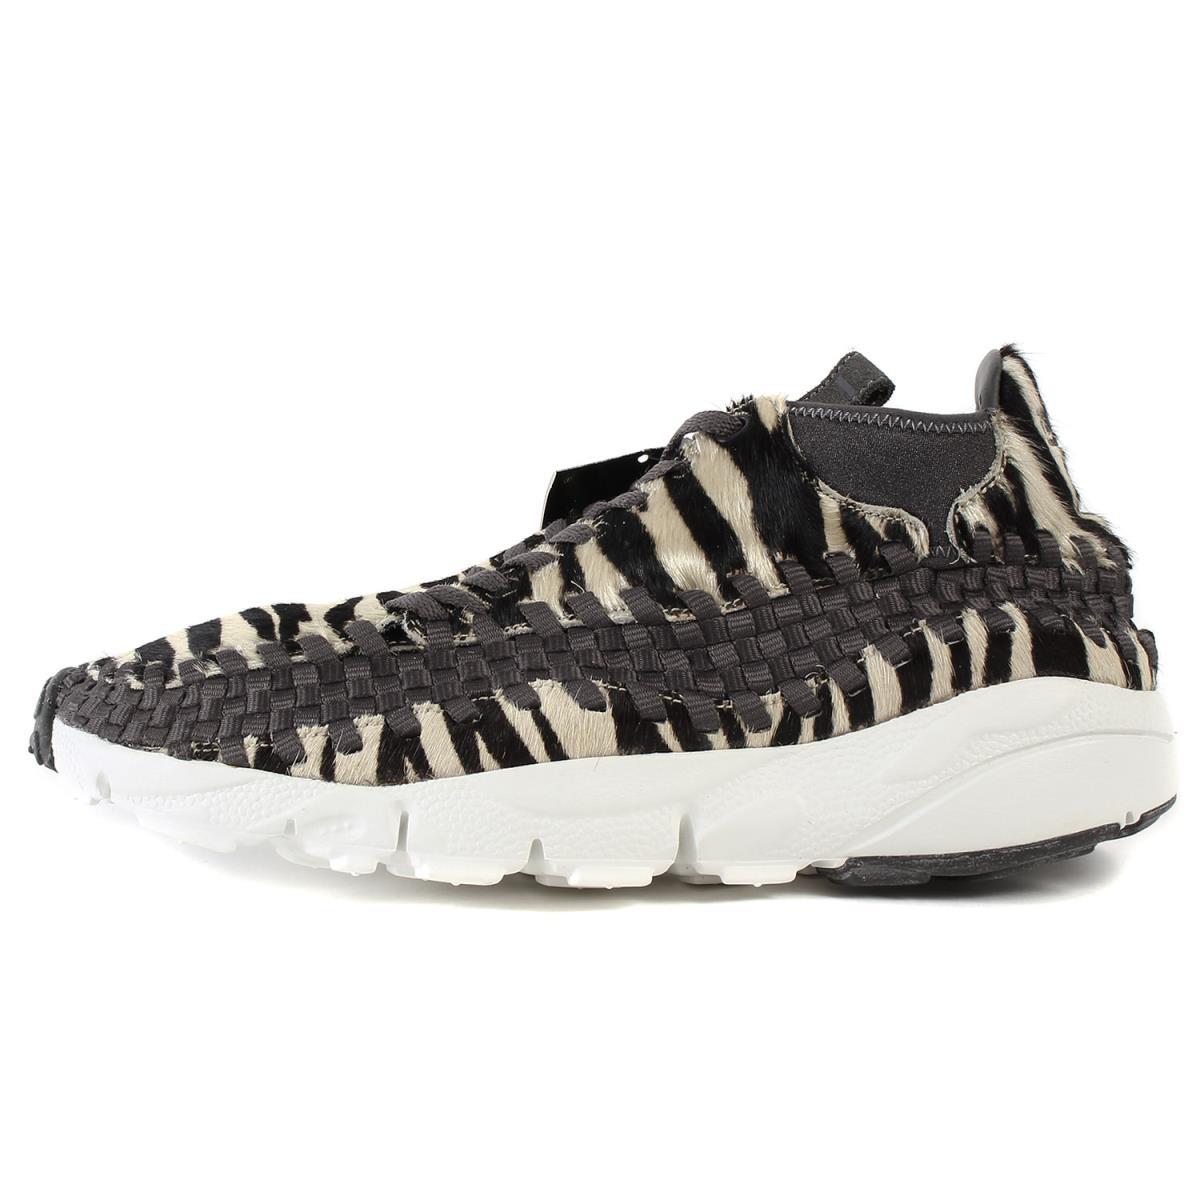 NIKE (Nike) AIR FOOTSCAPE WOVEN CHUKKA PREMIUM ZEBRA (446,337-201) zebra  US10(28cm)